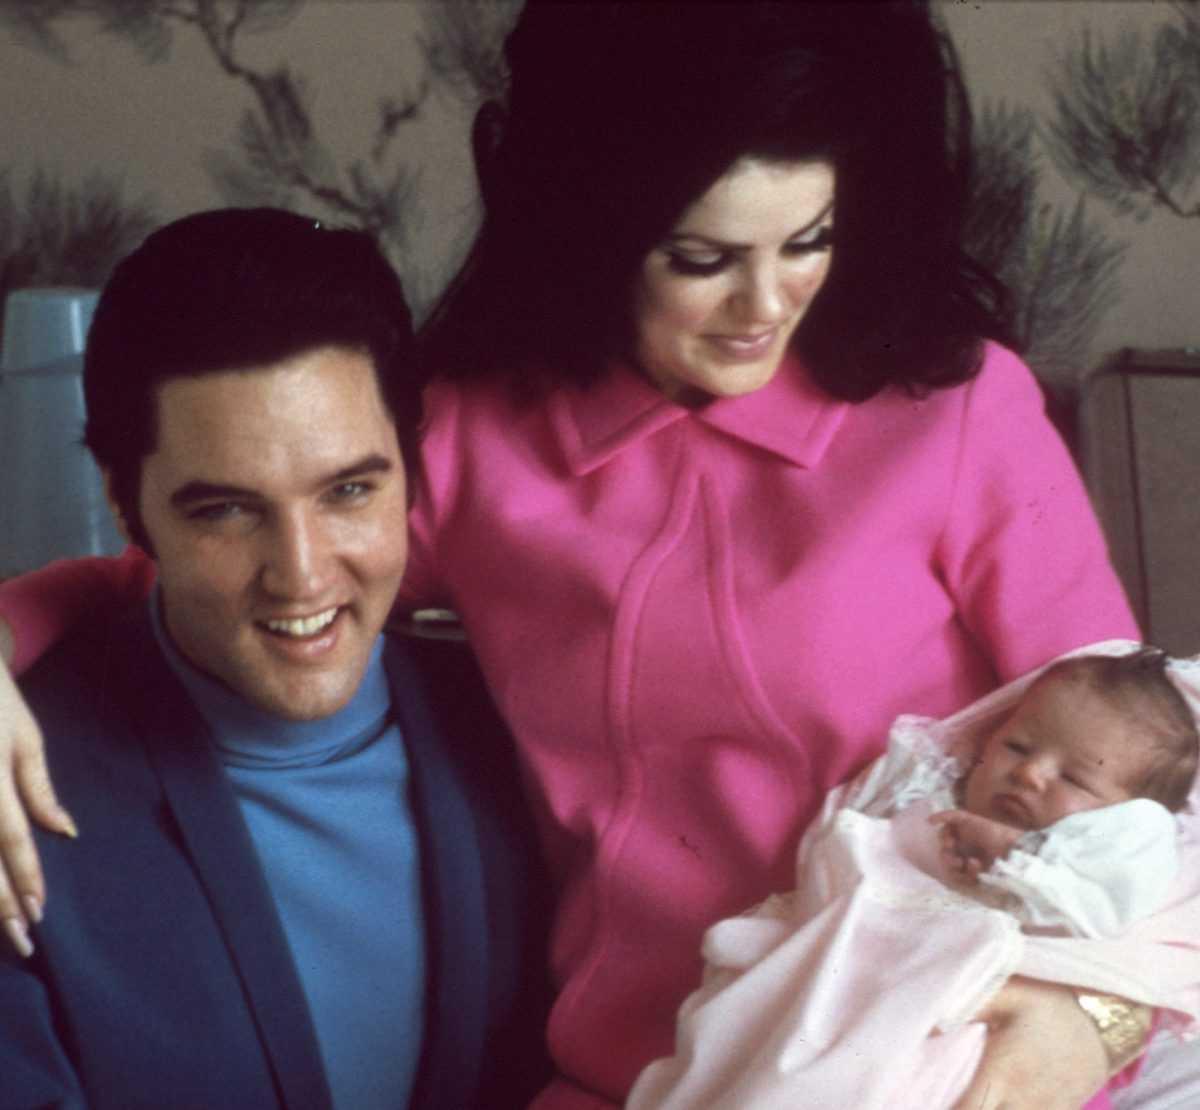 Le chanteur de rock and roll Elvis Presley avec sa femme Priscilla Beaulieu Presley et leur fille de 4 jours Lisa Marie Presley